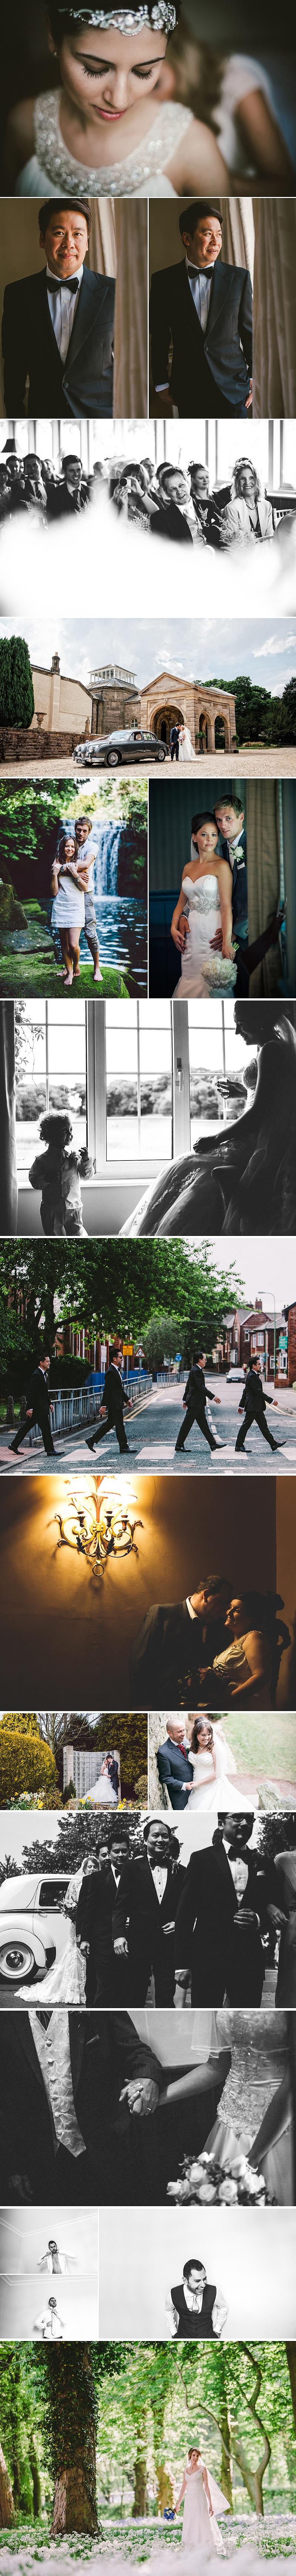 Collage-131231-BestOf2013-08.jpg